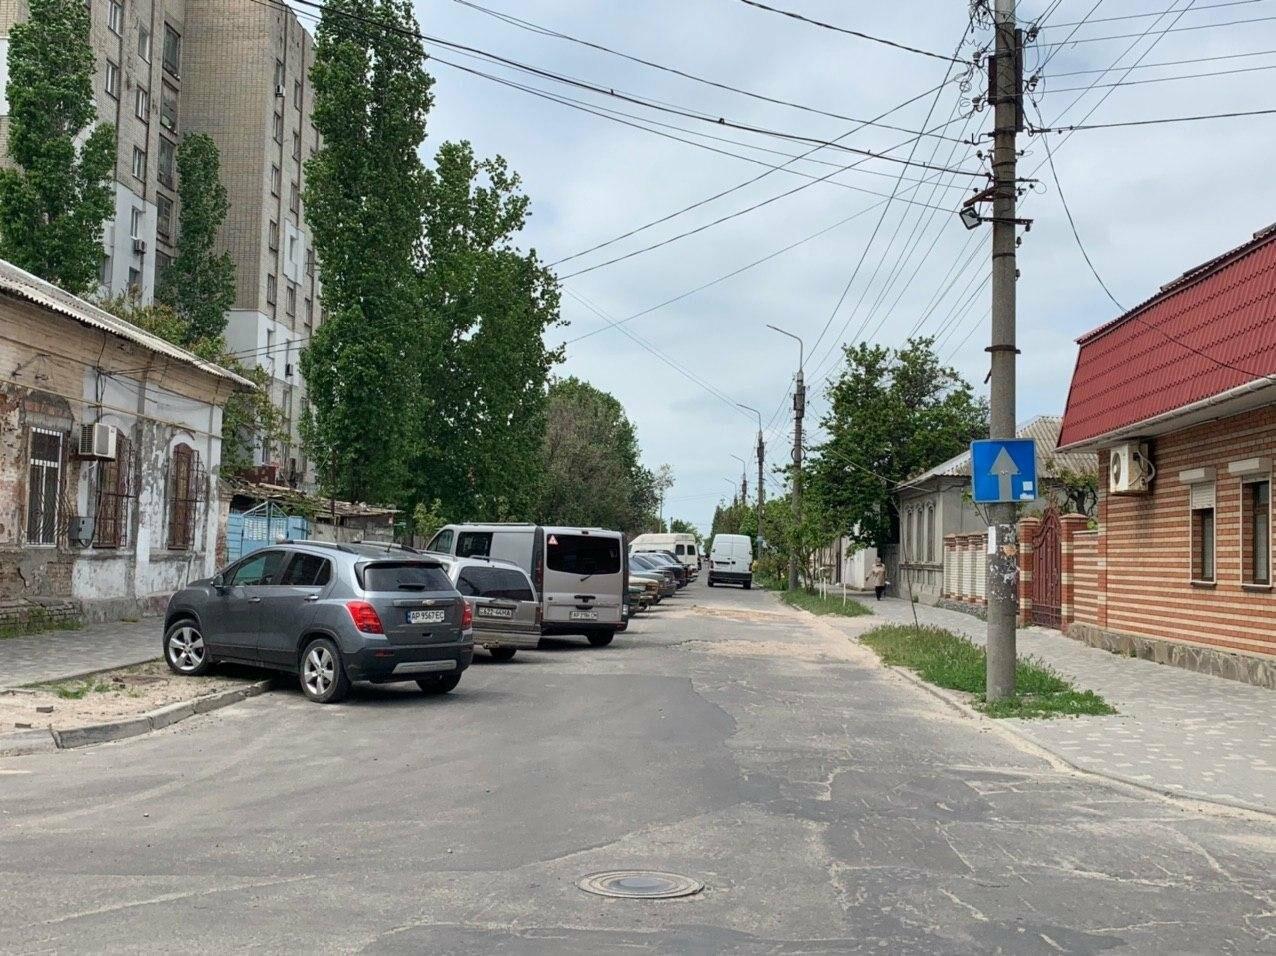 Бердянск - город водителей хамов?, фото-2